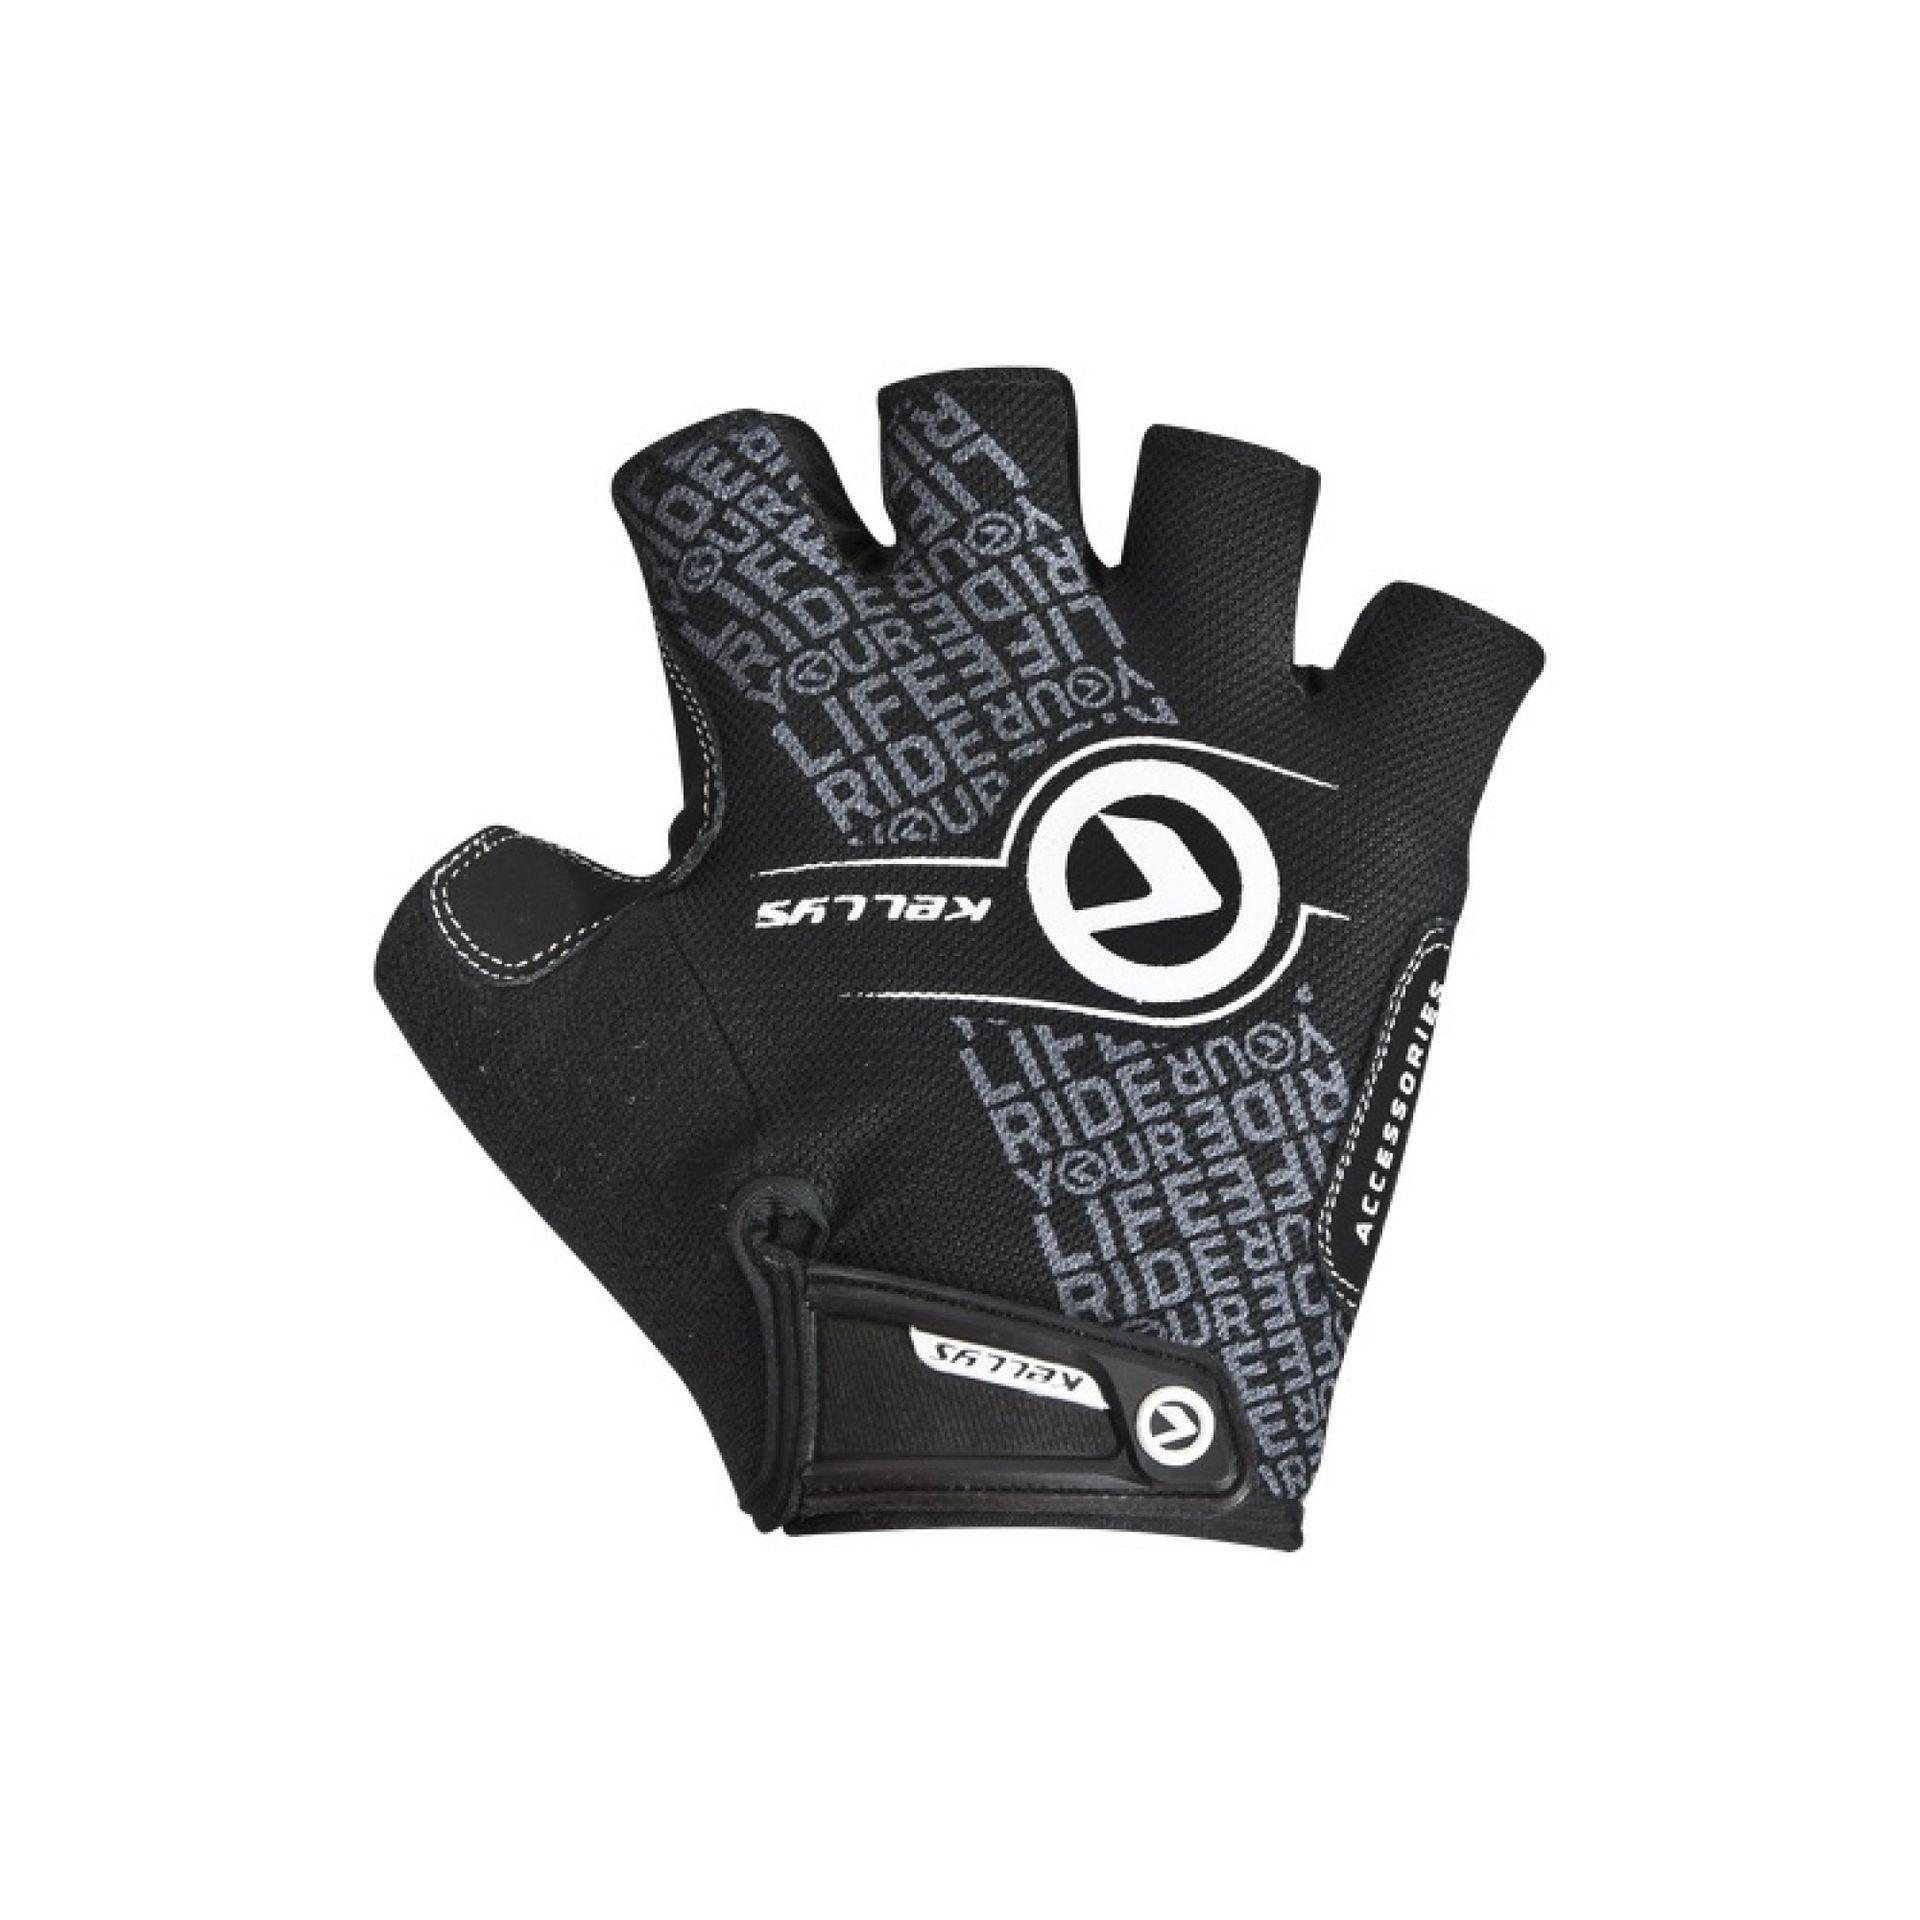 Rękawiczki rowerowe Kellys Comfort New czarny biały